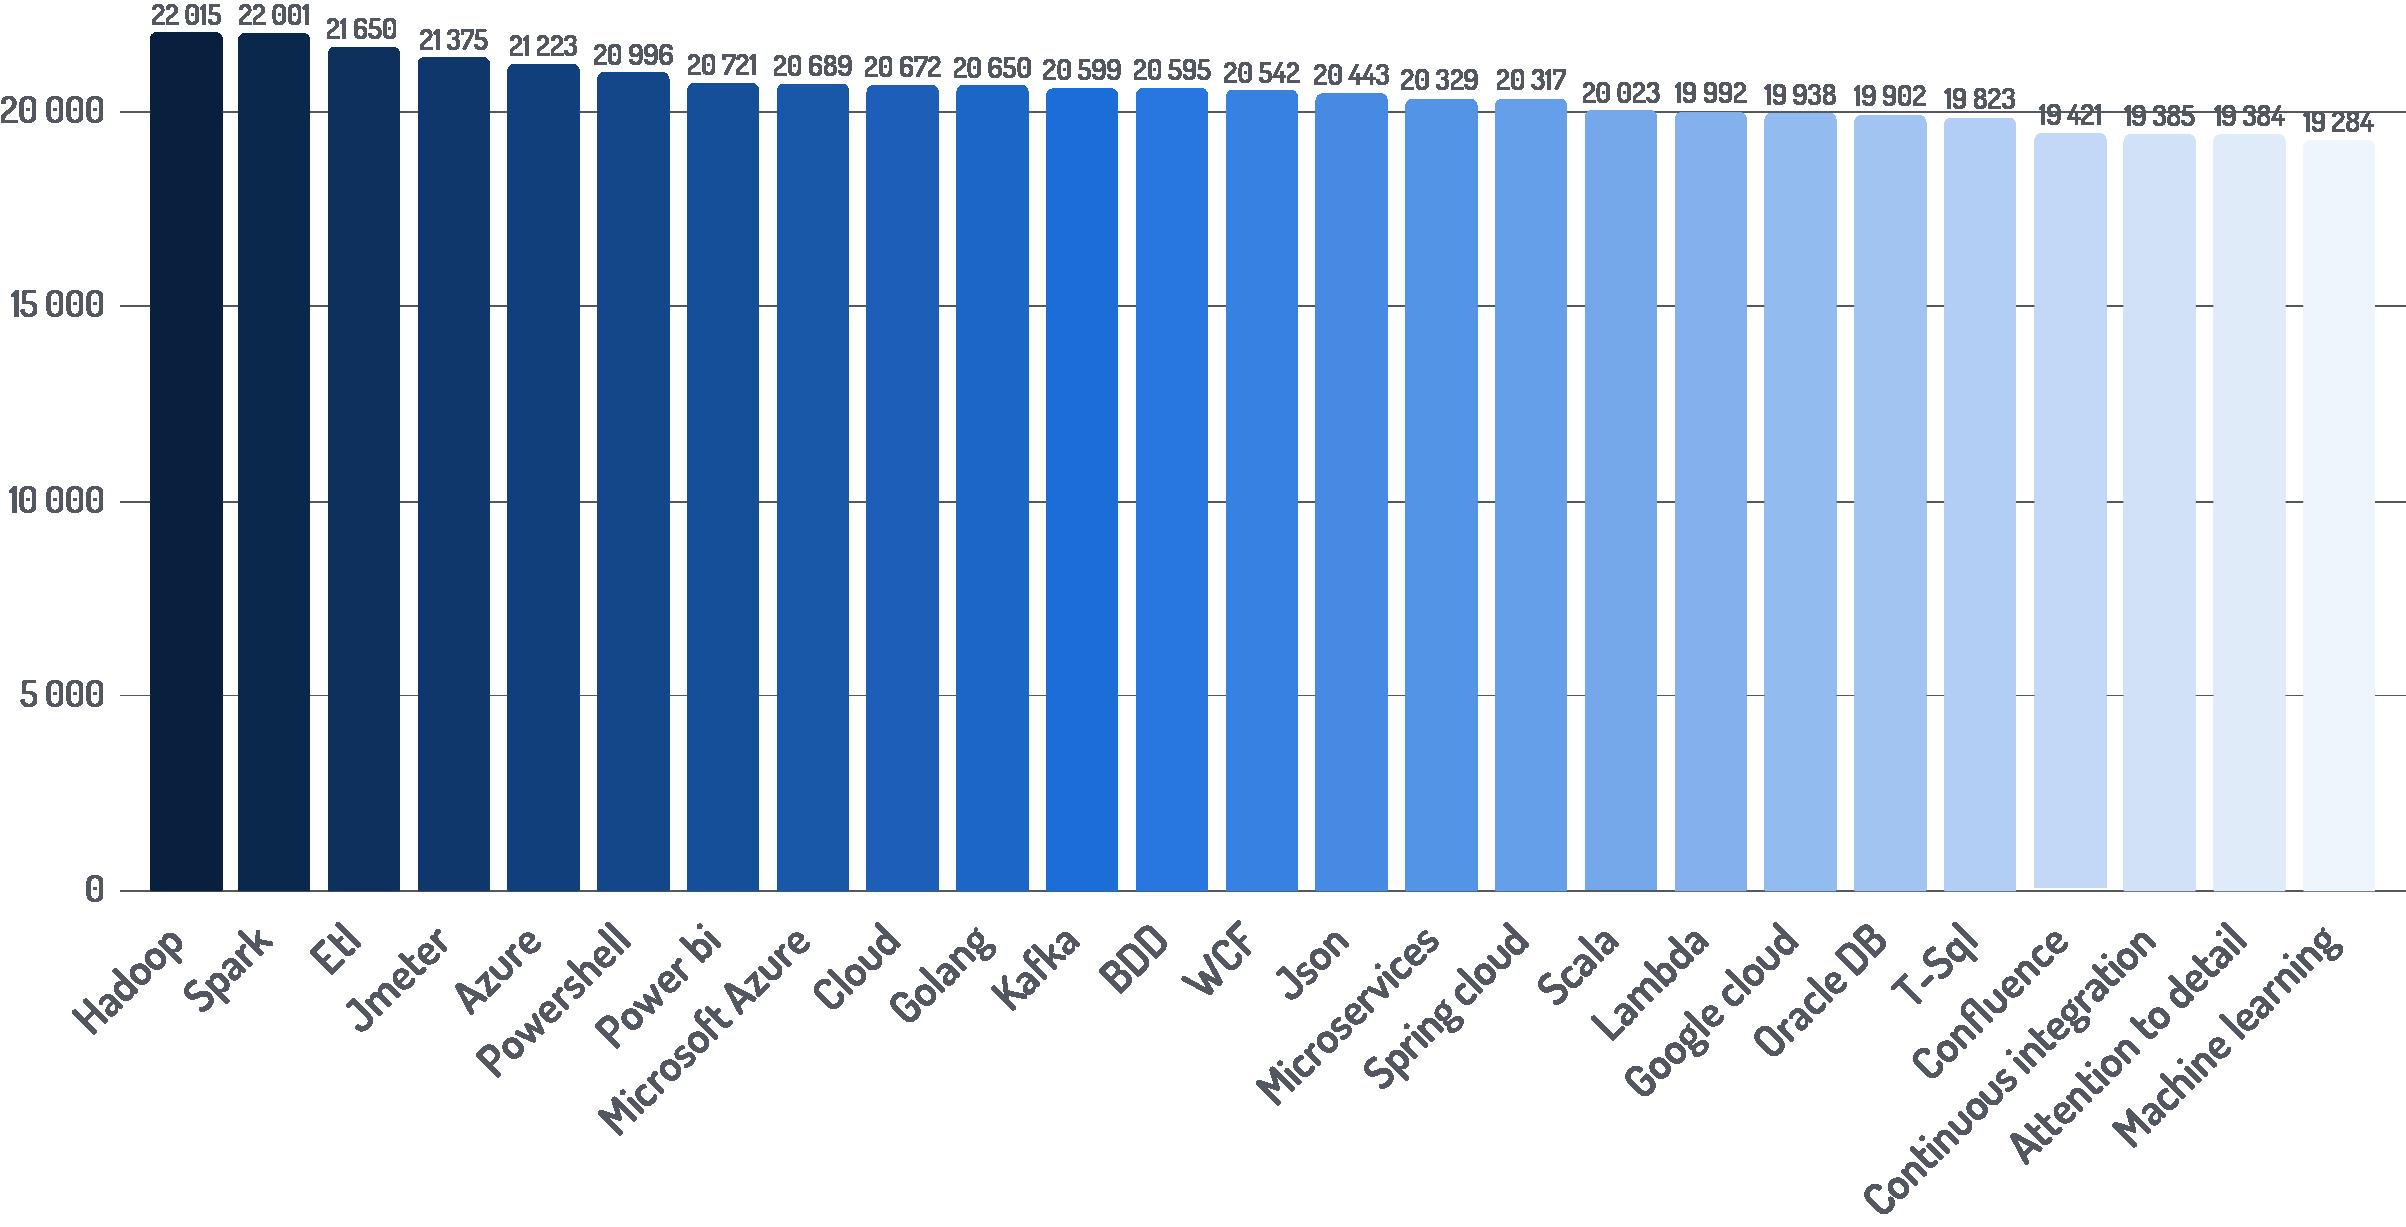 Najlepiej płatne technologie pojawiające się w ogłoszeniach - wykres